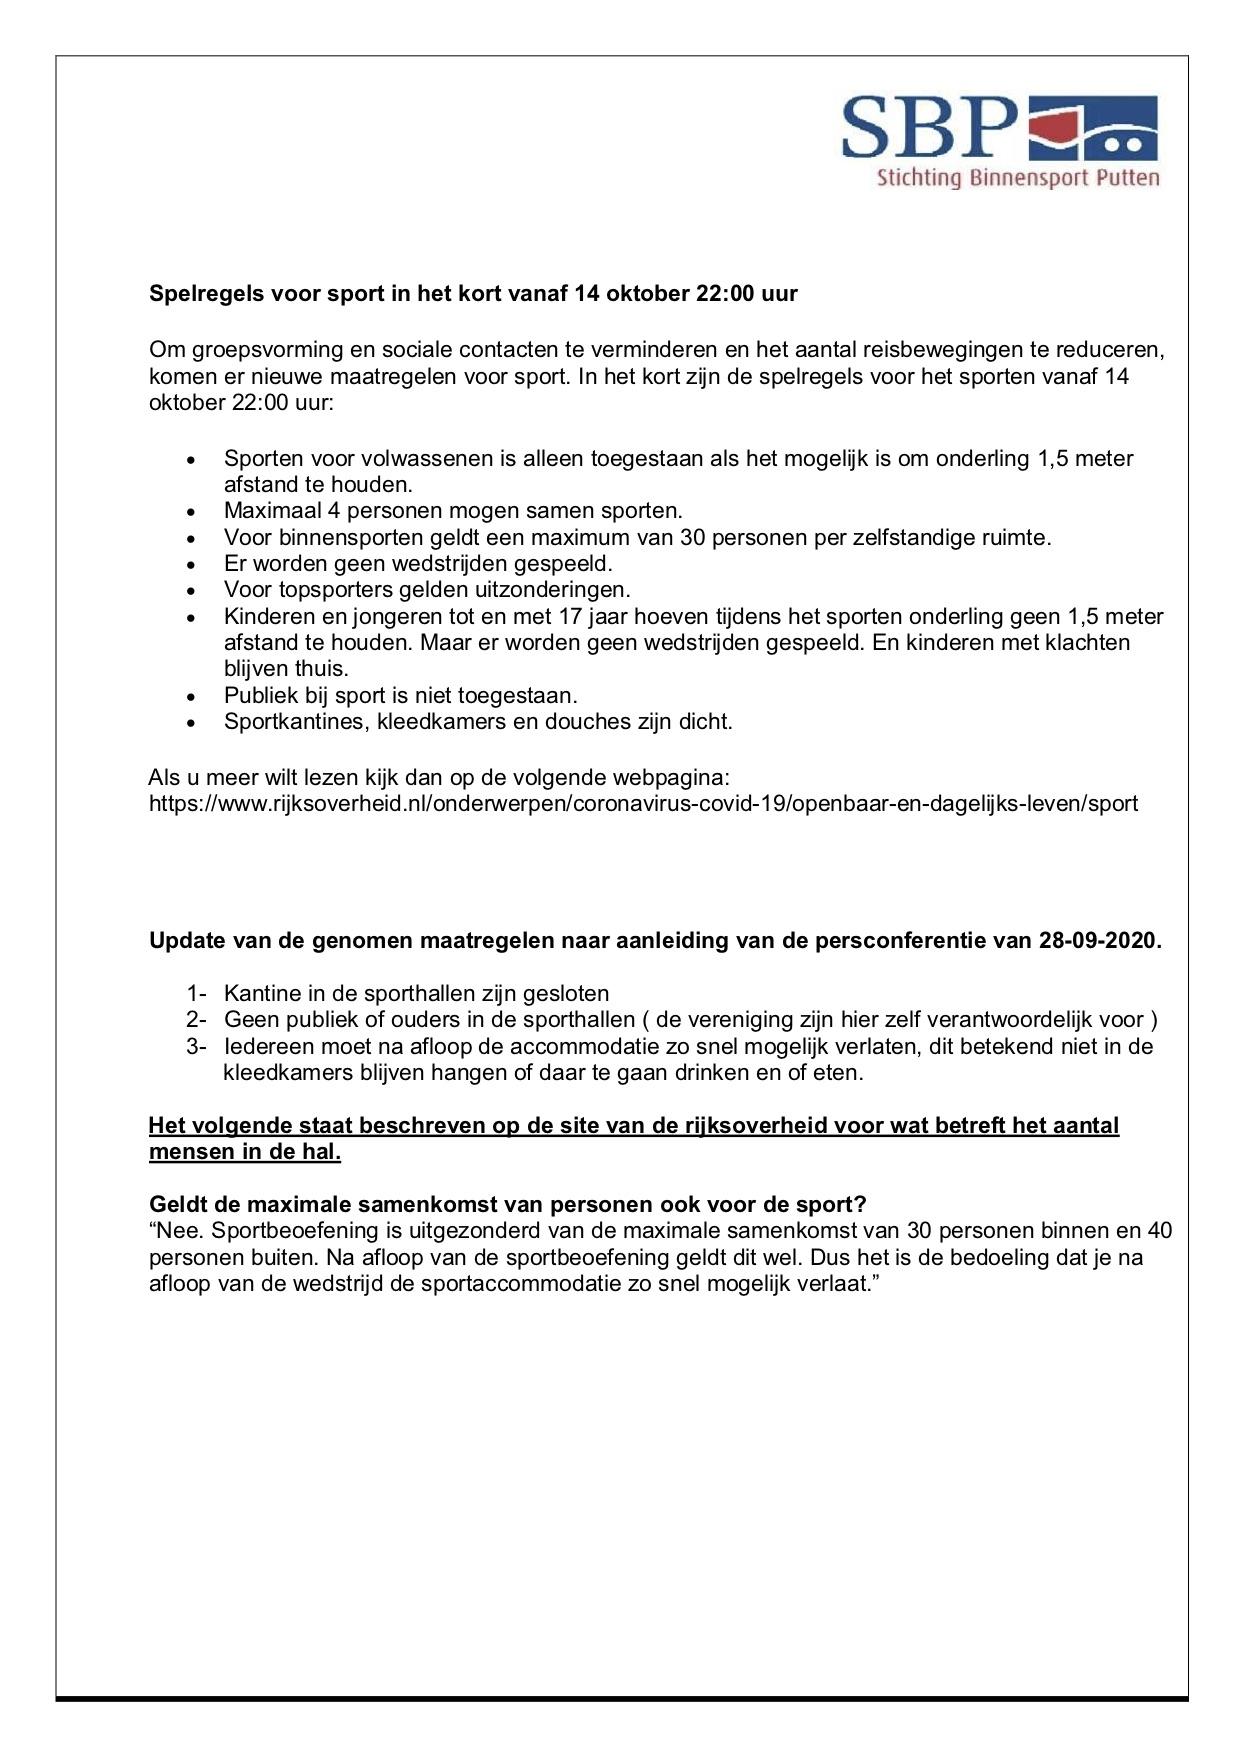 COVID-19 protocol per 14 oktober 2020